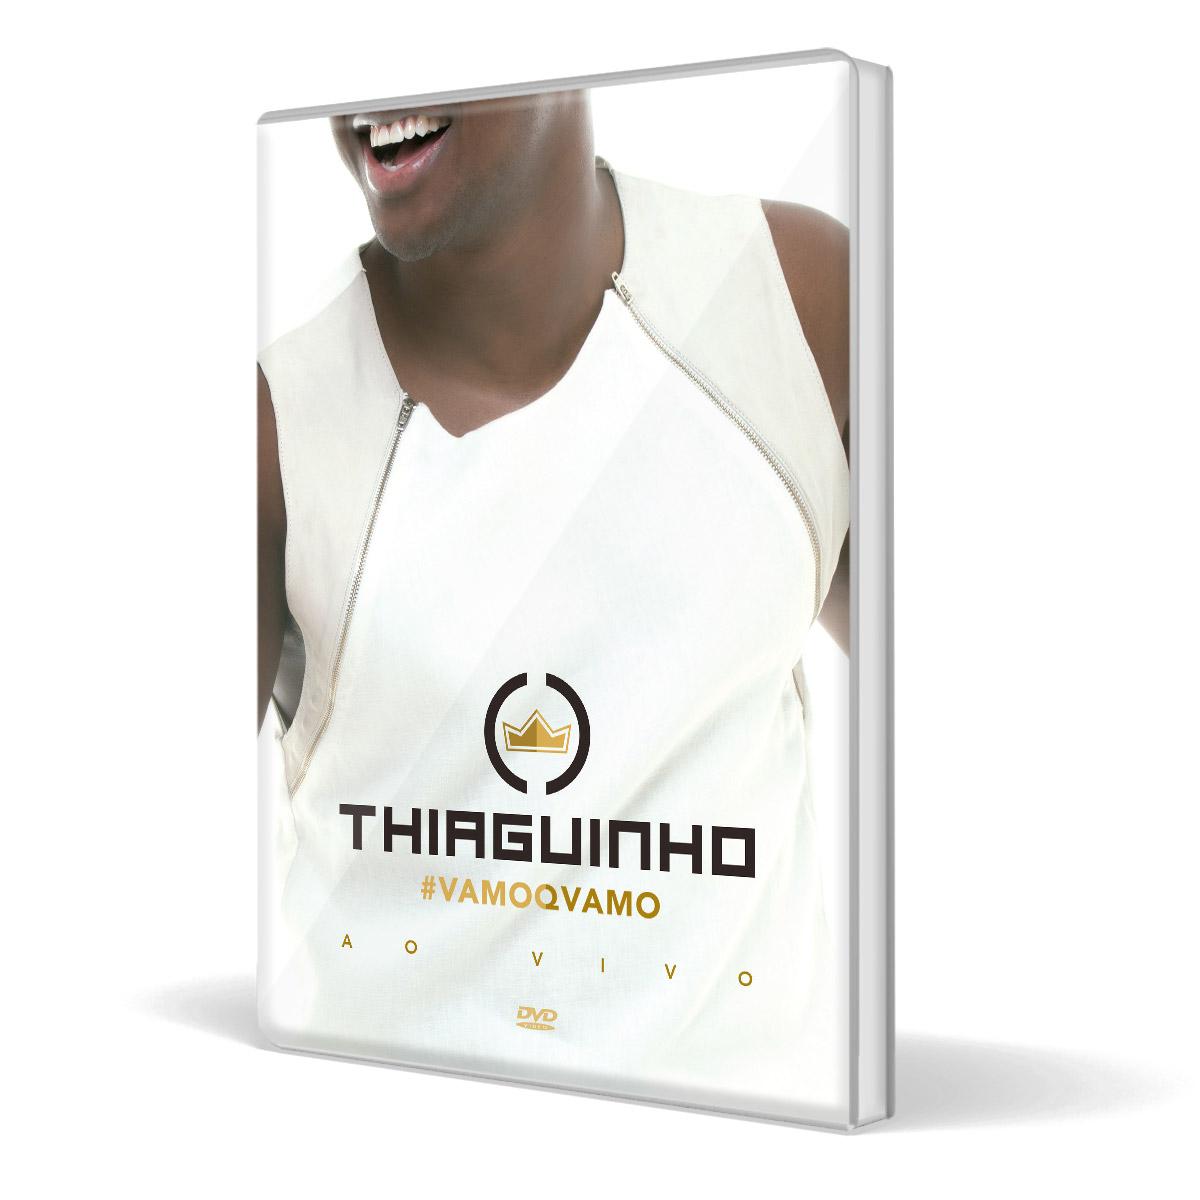 DVD Thiaguinho #Vamoqvamo Ao Vivo